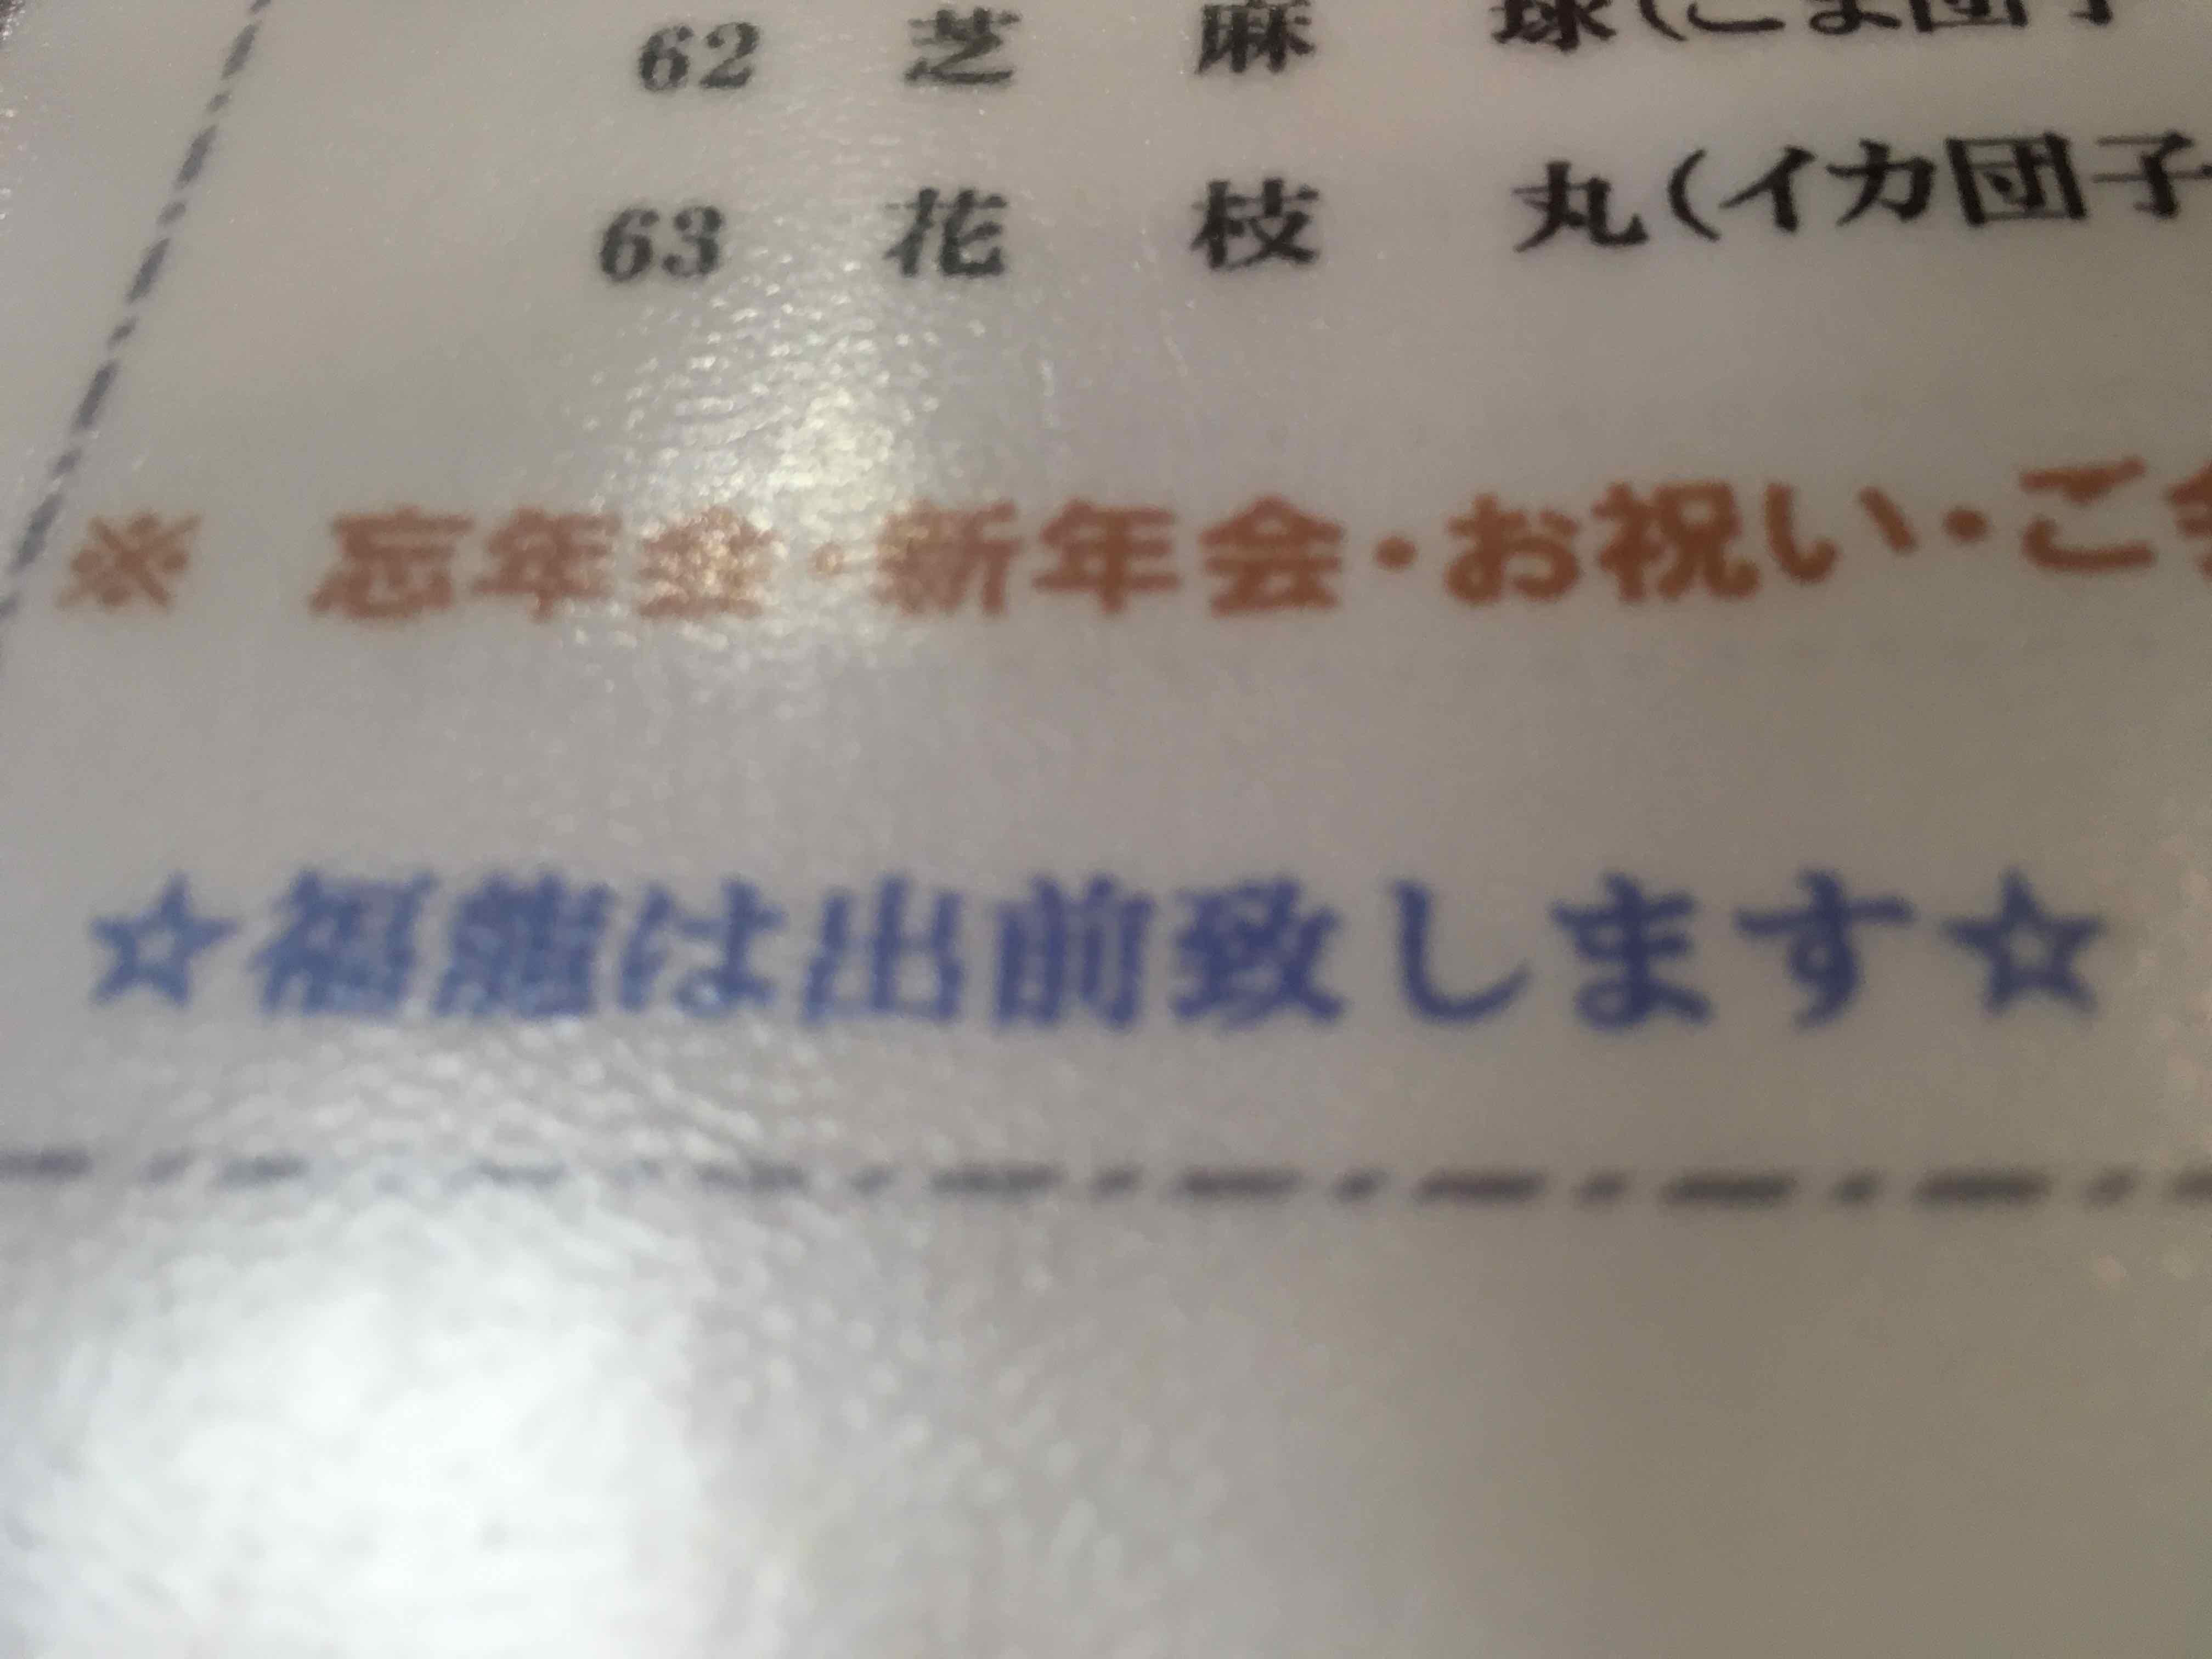 みとん今治,福龍,中華,立花